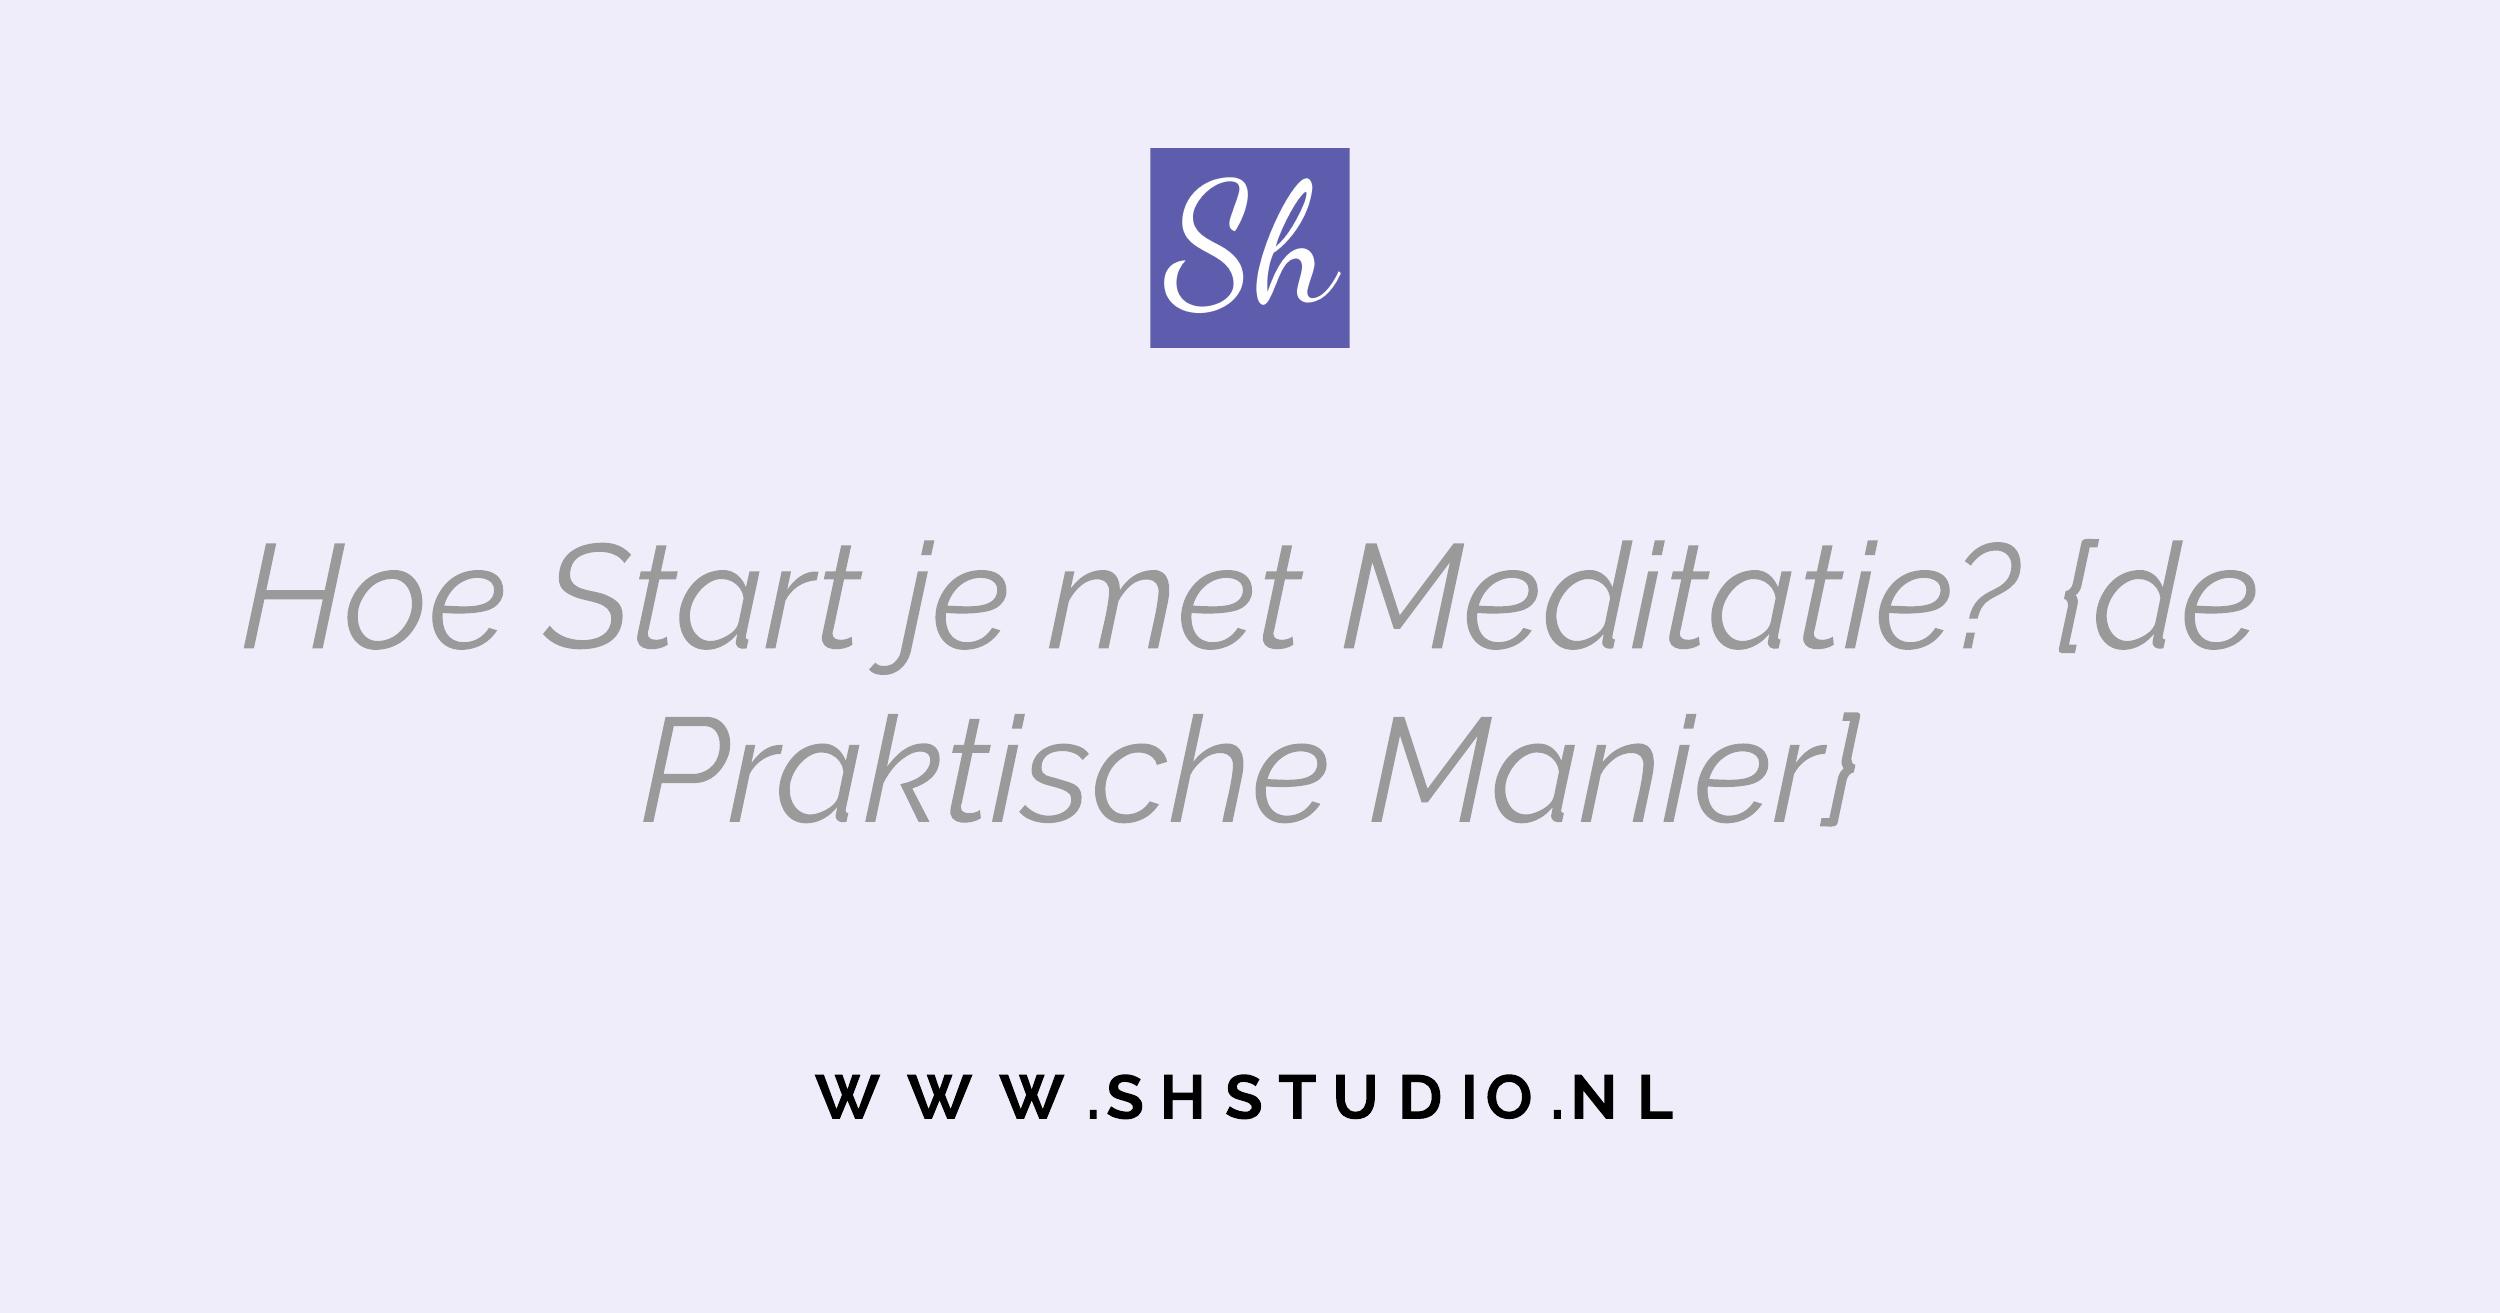 hoe start meditatie